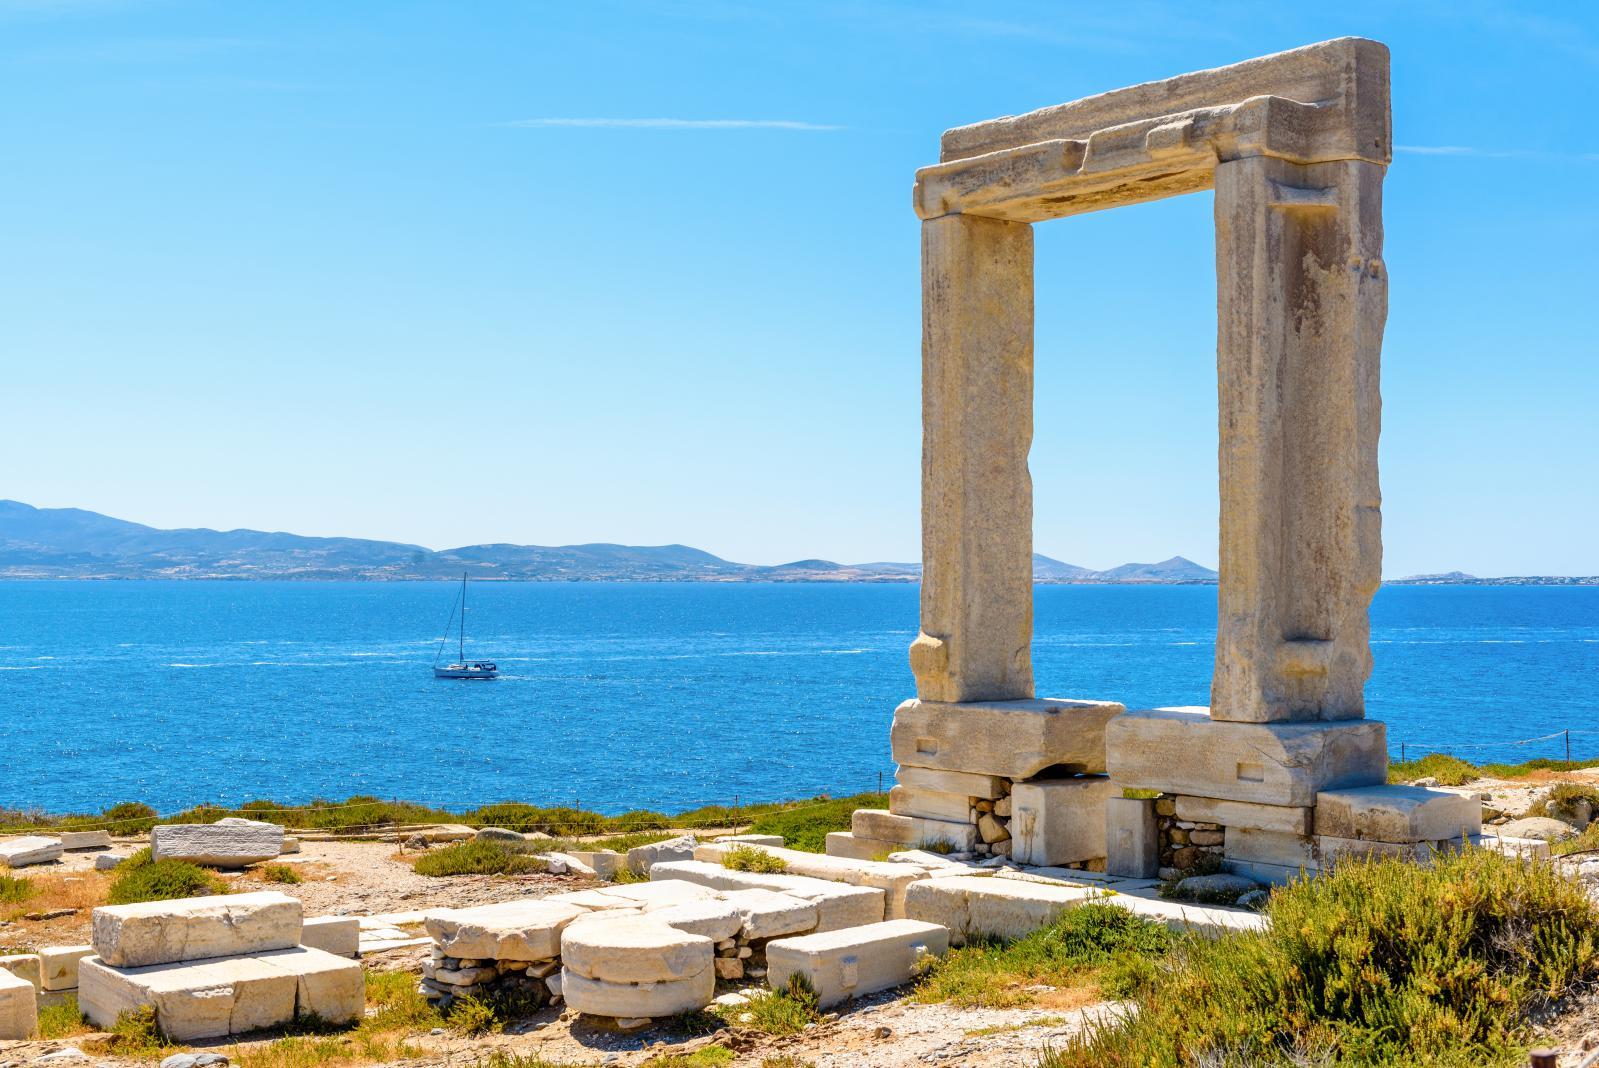 Portara entrance of port at Naxos island